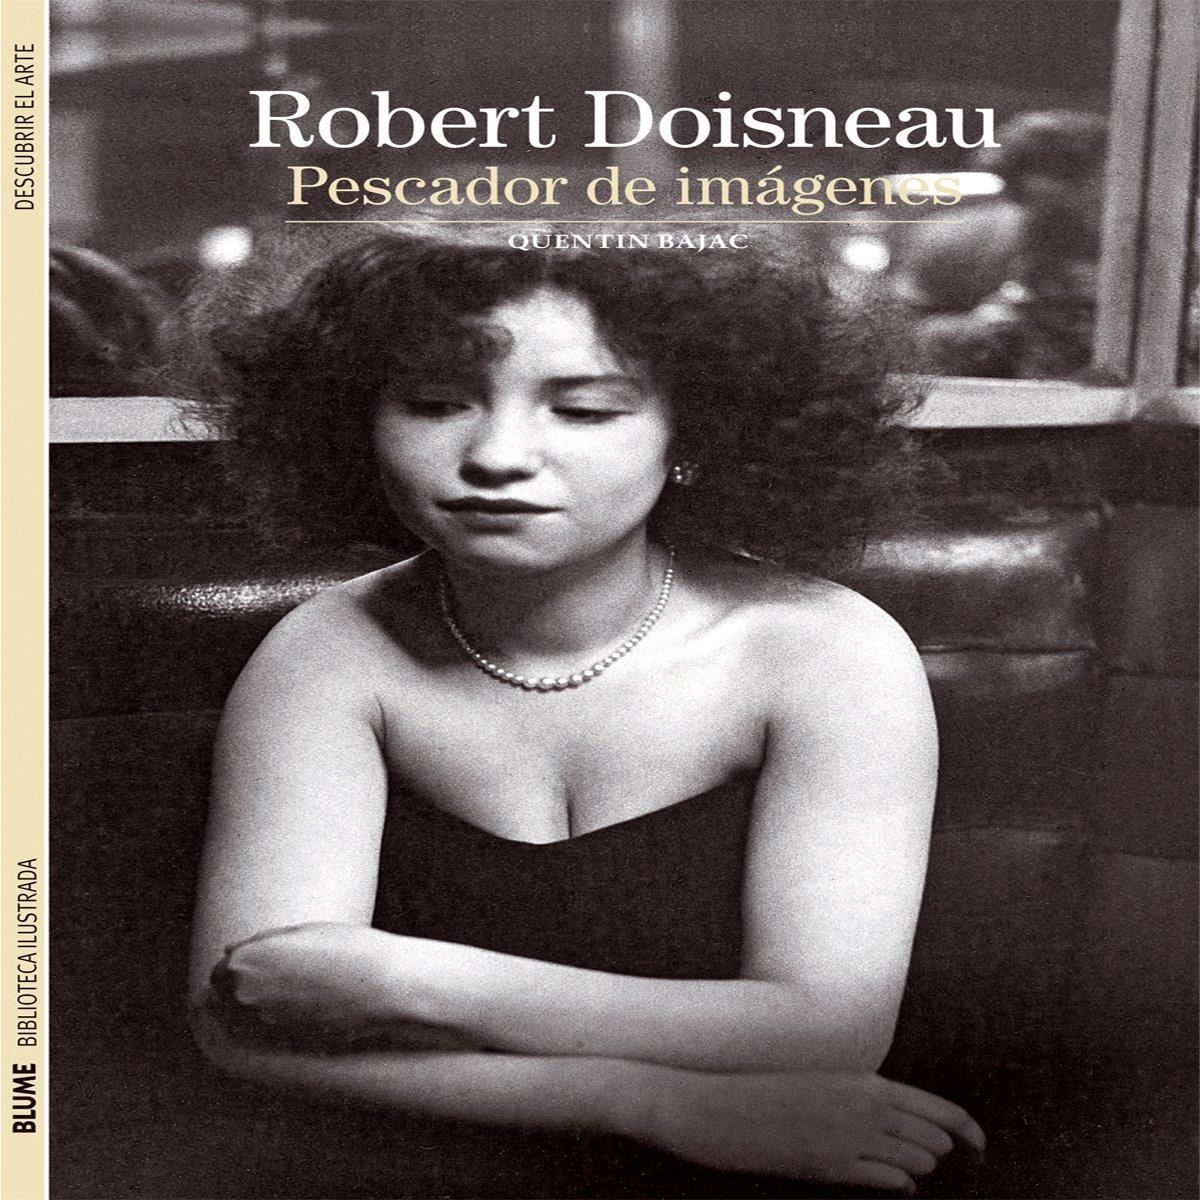 Read Online Biblioteca Ilustrada. Robert Doisneau (17): Pescador de imágenes ebook